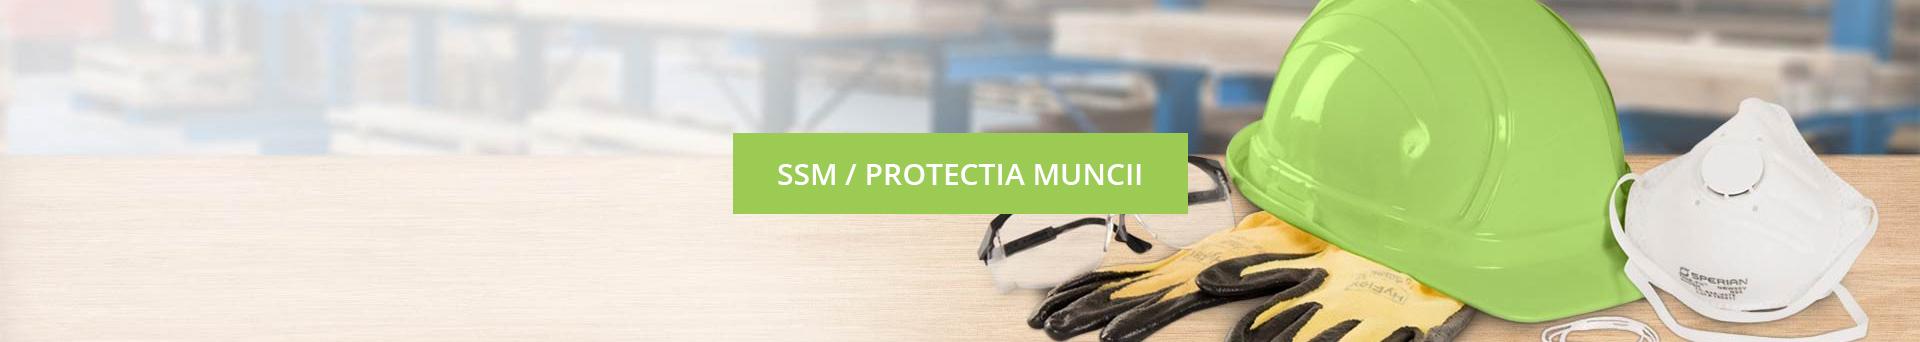 SSM / PROTECTIA MUNCII